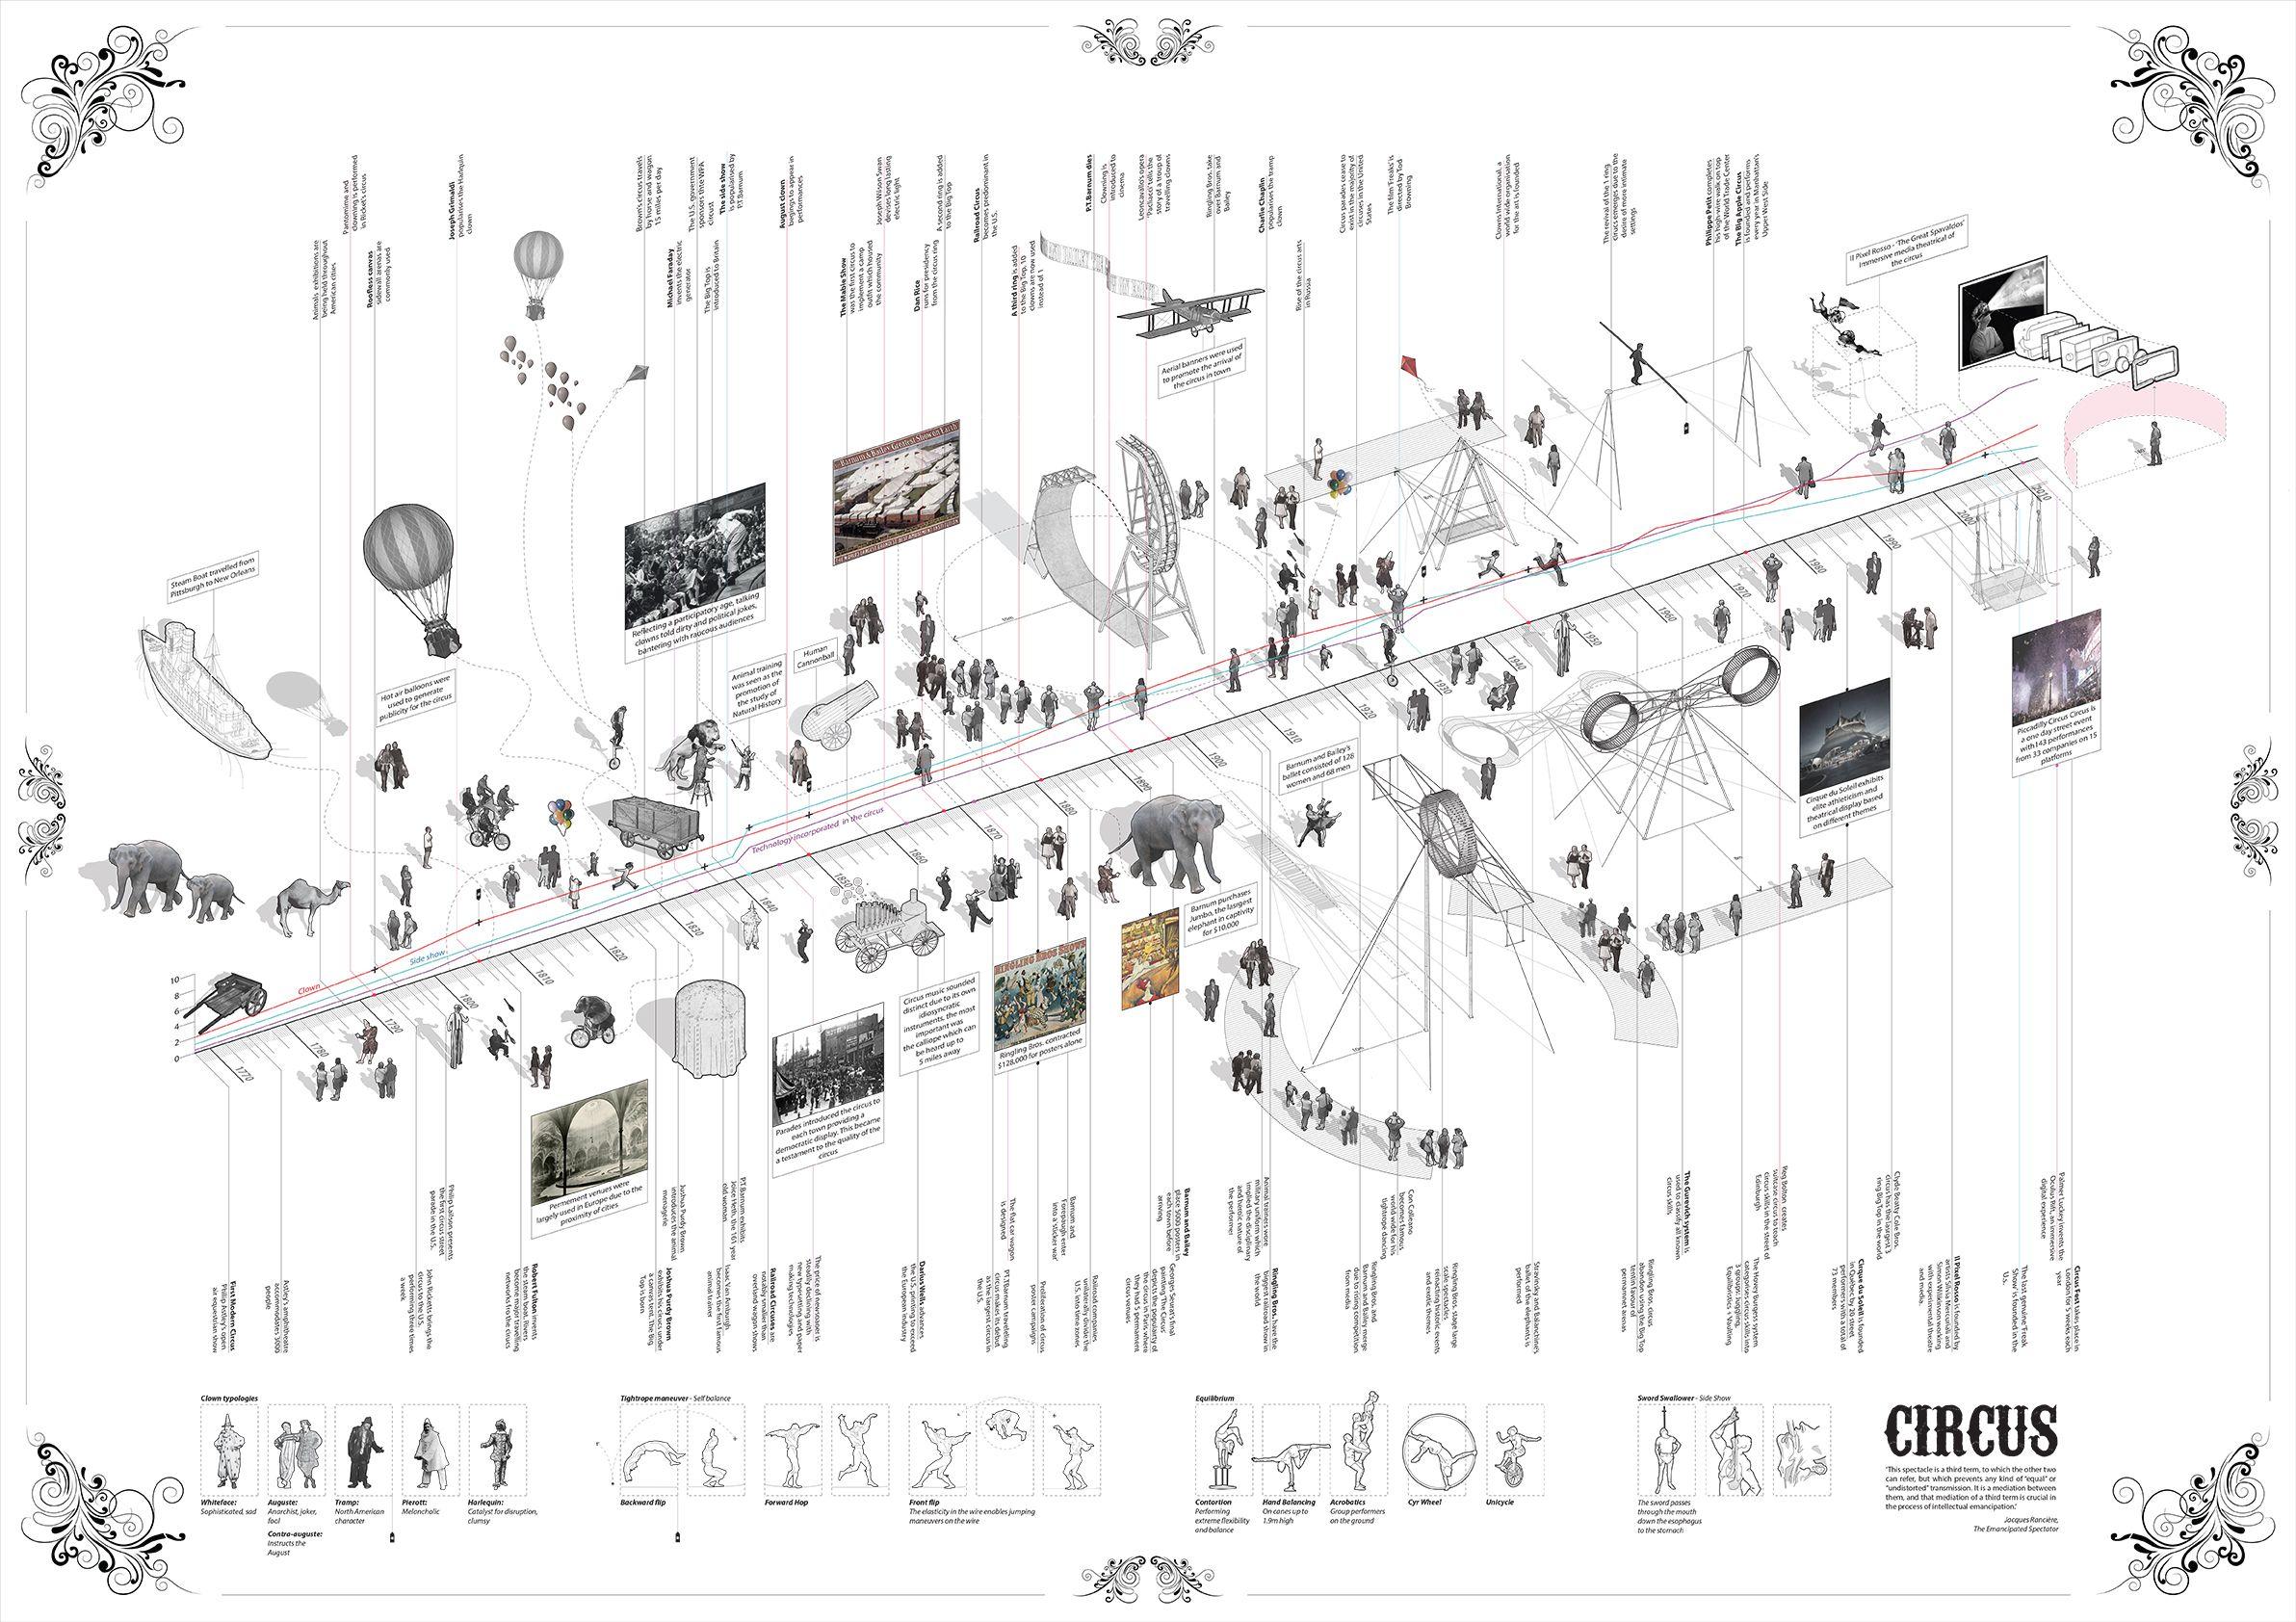 Pin By Minjung Kang On Diagram